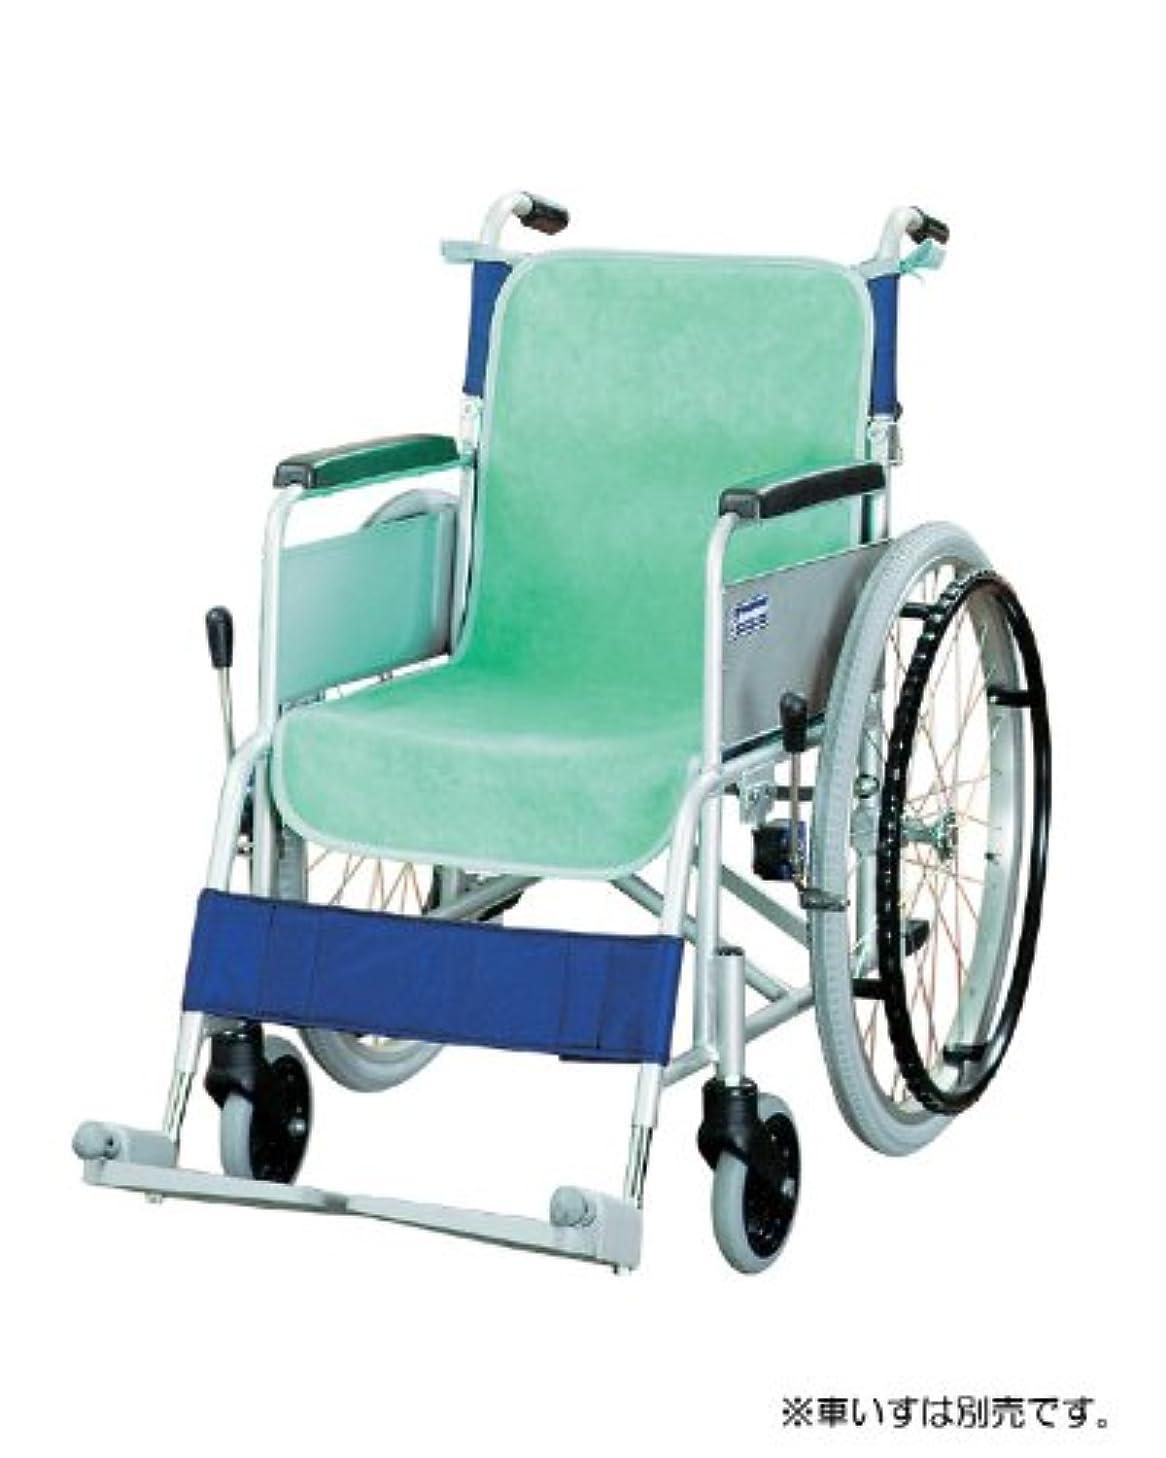 専ら枕使役車椅子シートカバー(防水タイプ)2枚入 グリーン